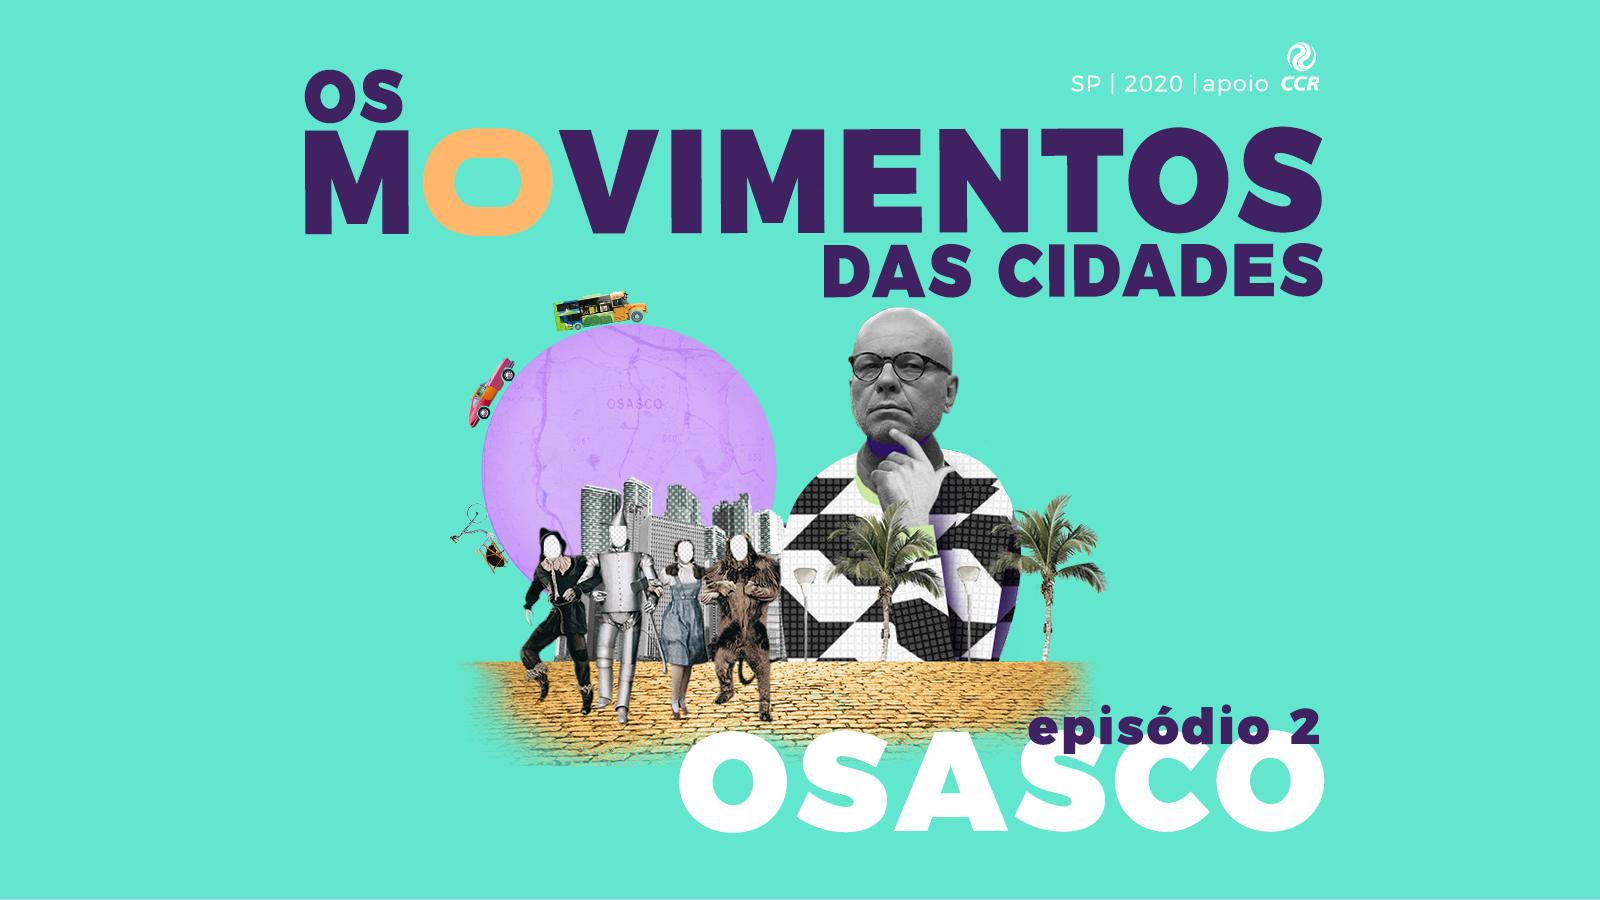 Osasco, o Mundo Mágico de Oz | Os Movimentos das Cidades Ep. 02